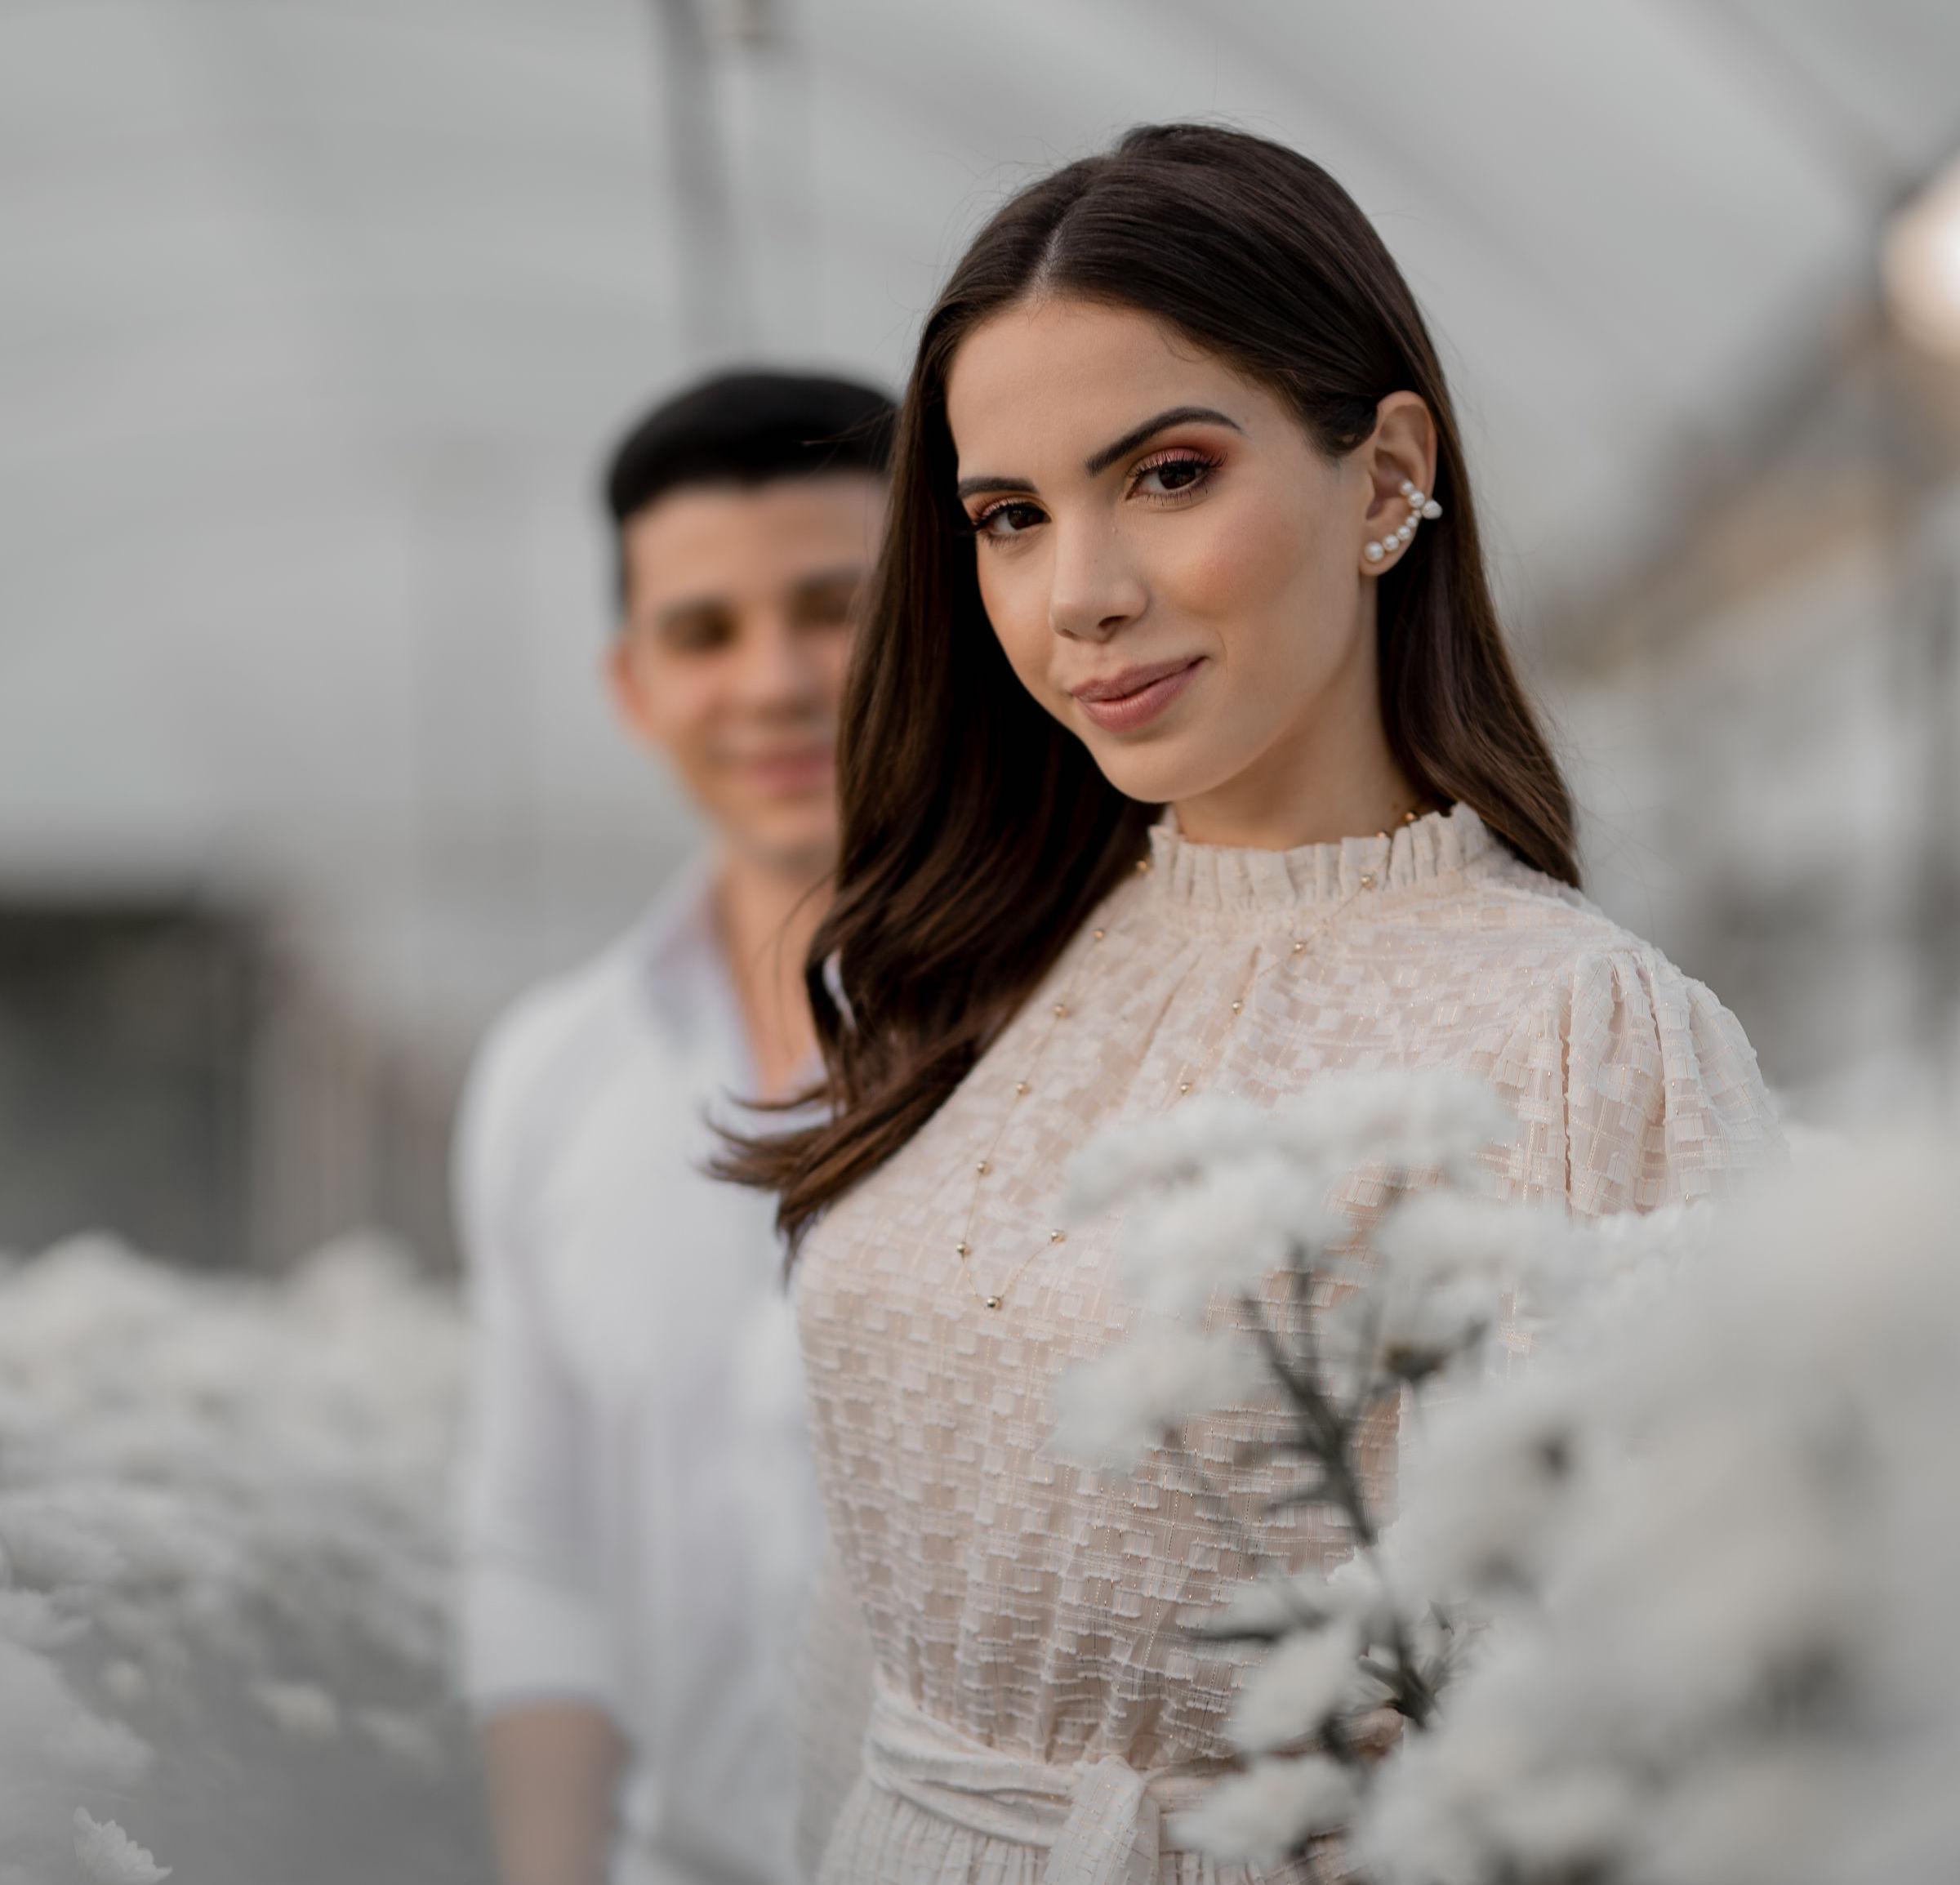 """""""Quis mesclar o clássico com o moderno"""", diz Nicole Vasconcelos sobre o seu vestido de casamento"""